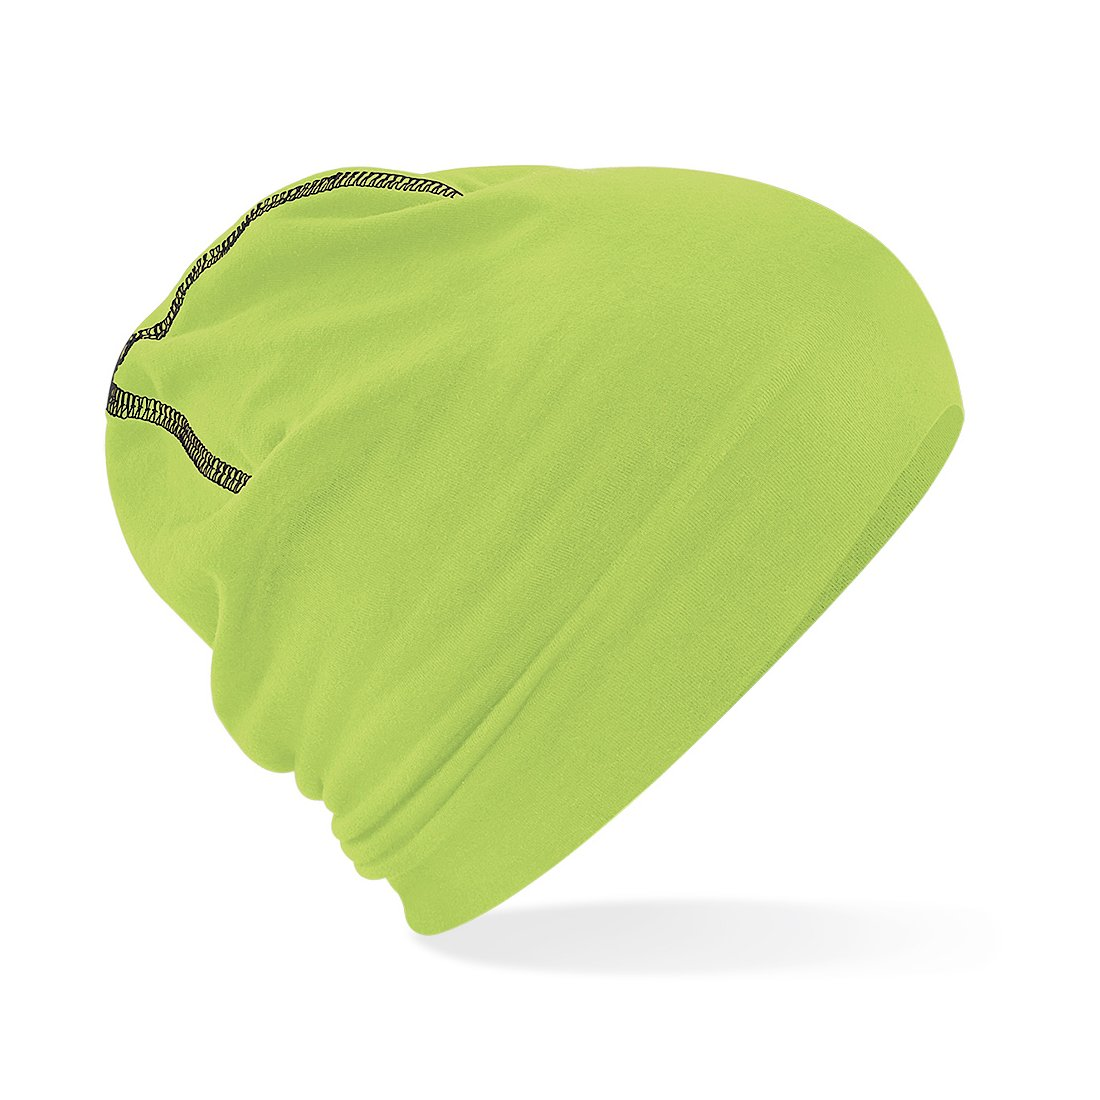 Gorro Beanie de algodón - Ligero y Suave - Perfecto para Invierno, Deportes, Bici, Correr, Trabajo, Industria - Hombre/Mujer (Unisex) (Azul) BF